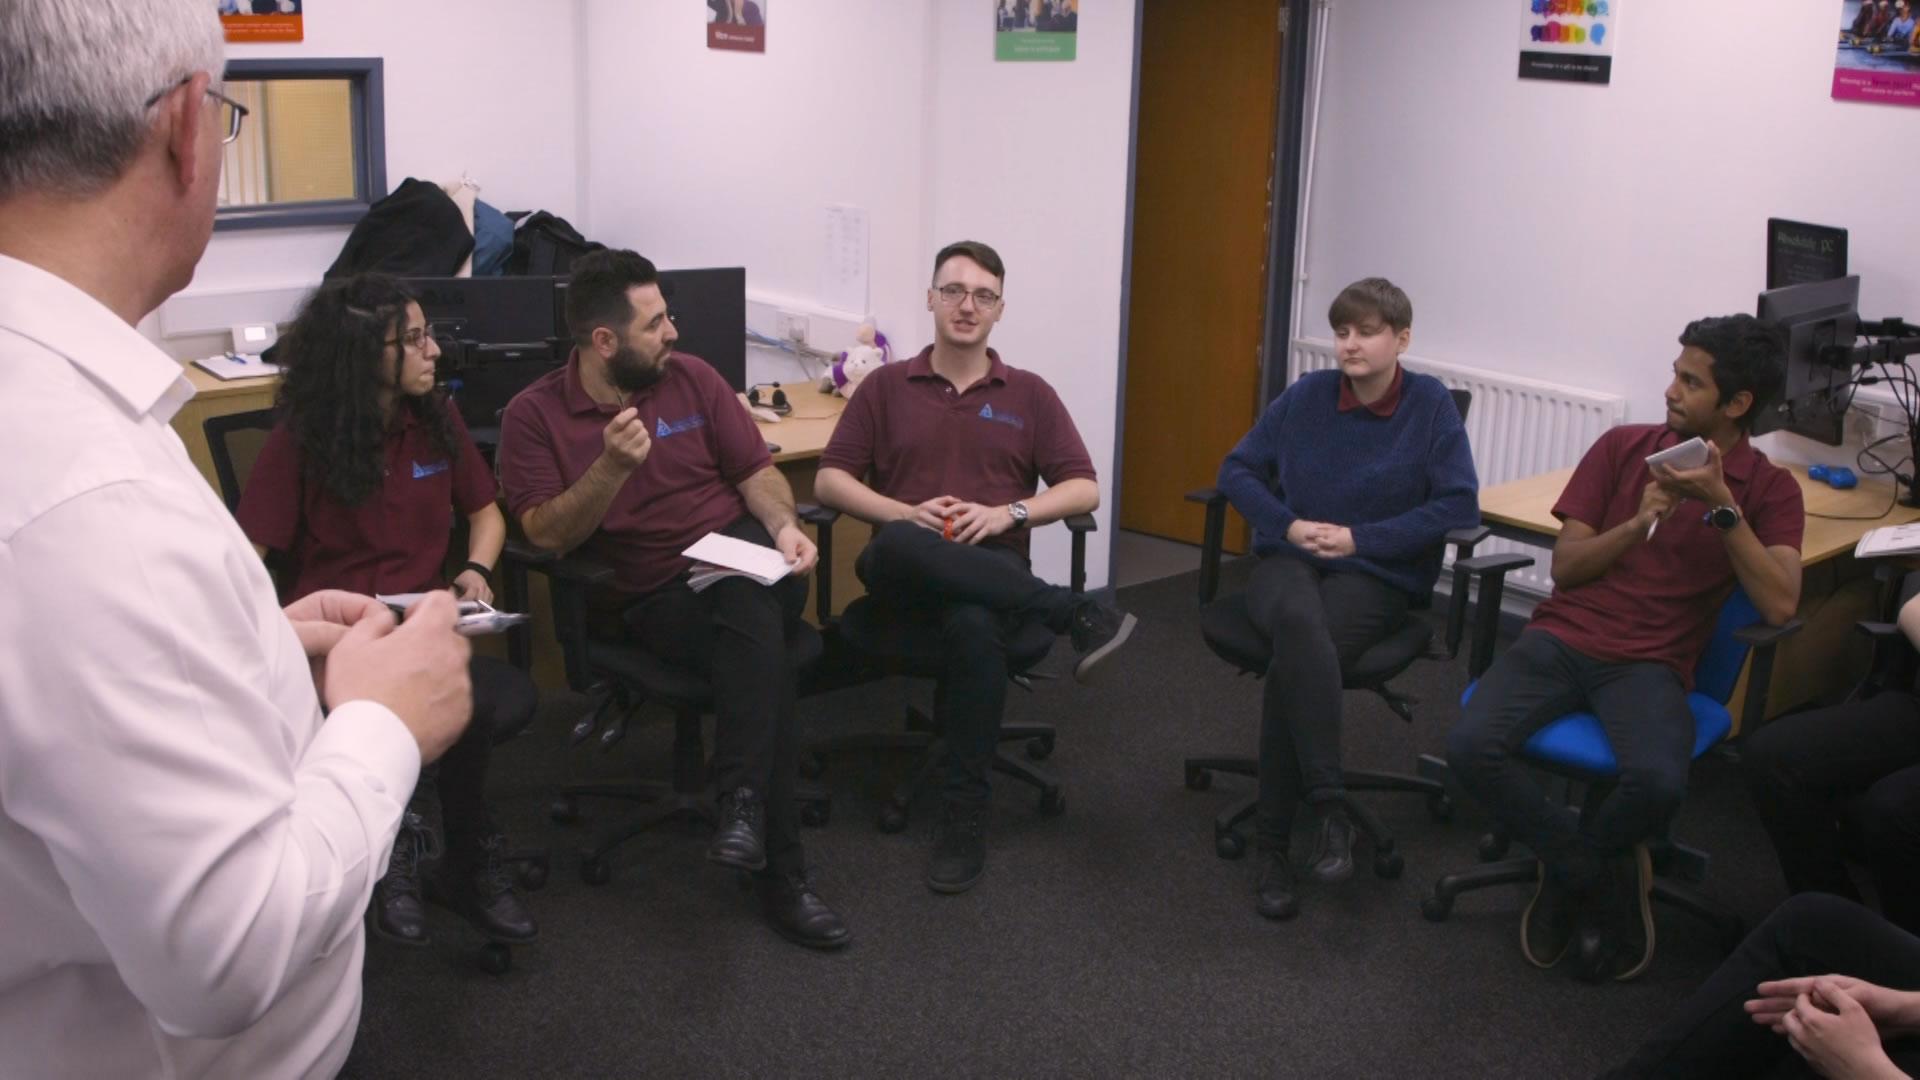 IT Team Meeting